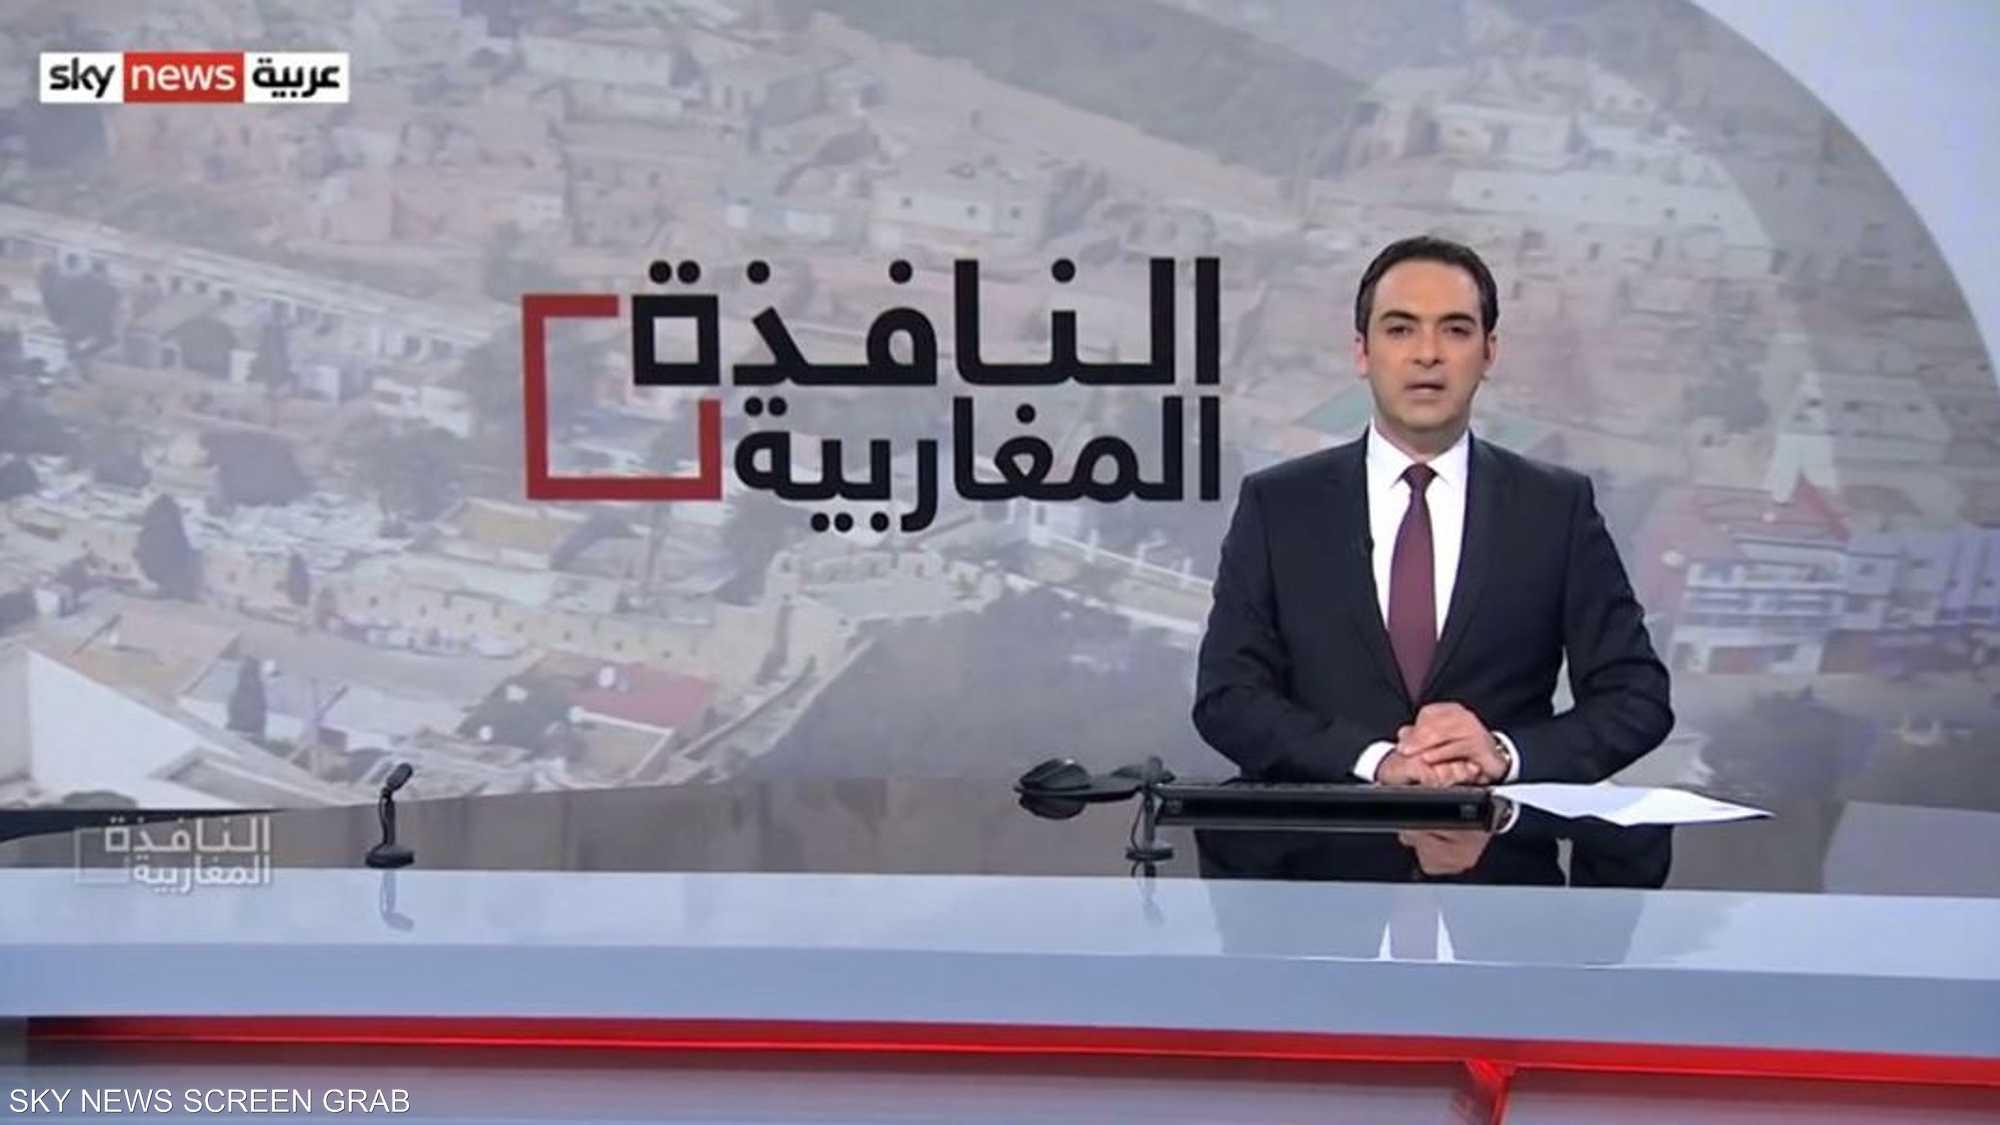 هذه تفاصيل تفكيك خلية إرهابية متطرفة في المغرب | #النافذة_ال